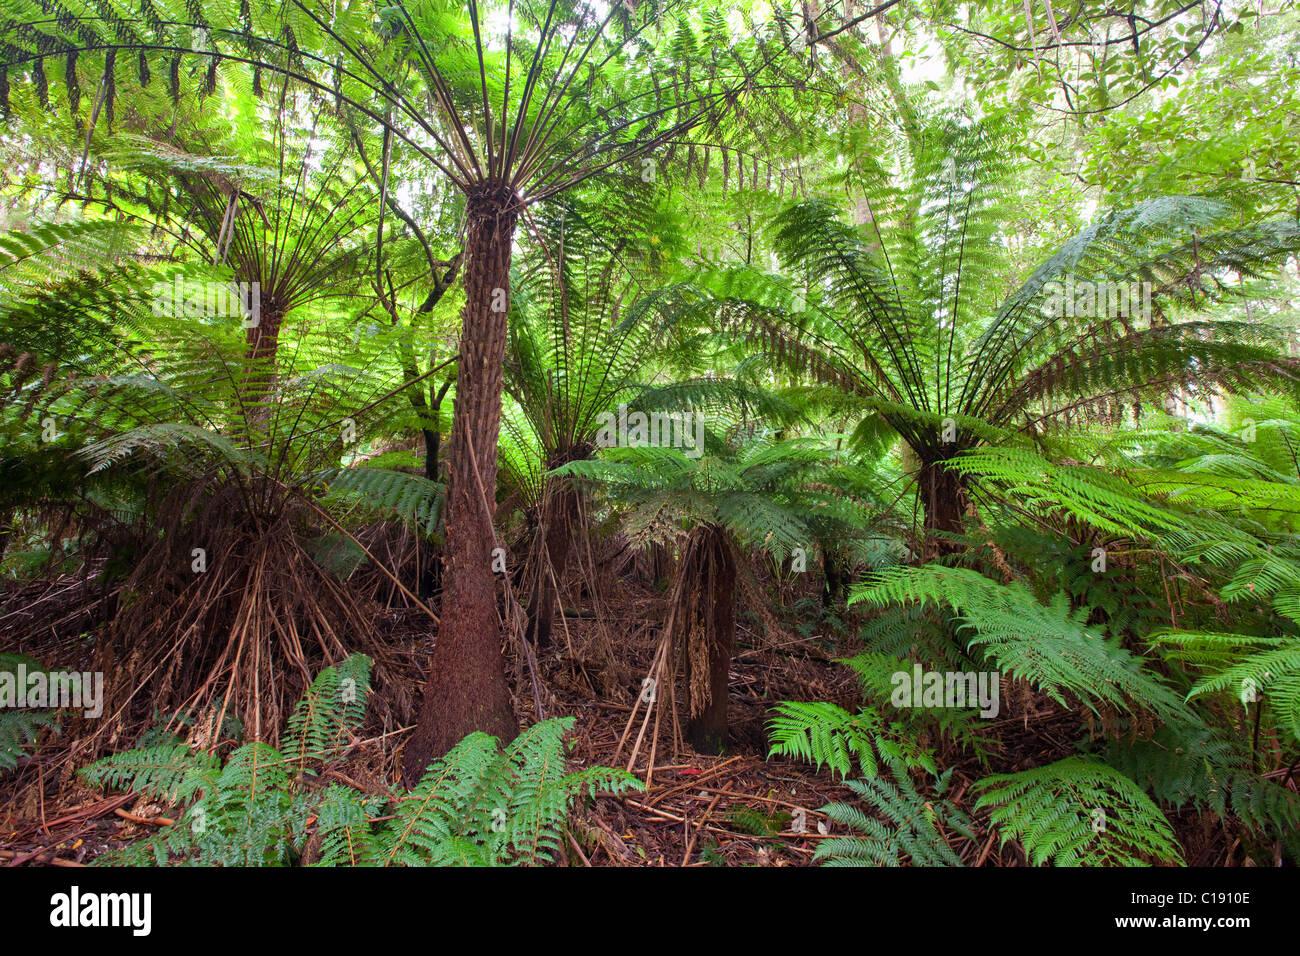 gemäßigten Regenwald, Great Otway National Park, Victoria, Australien Stockbild